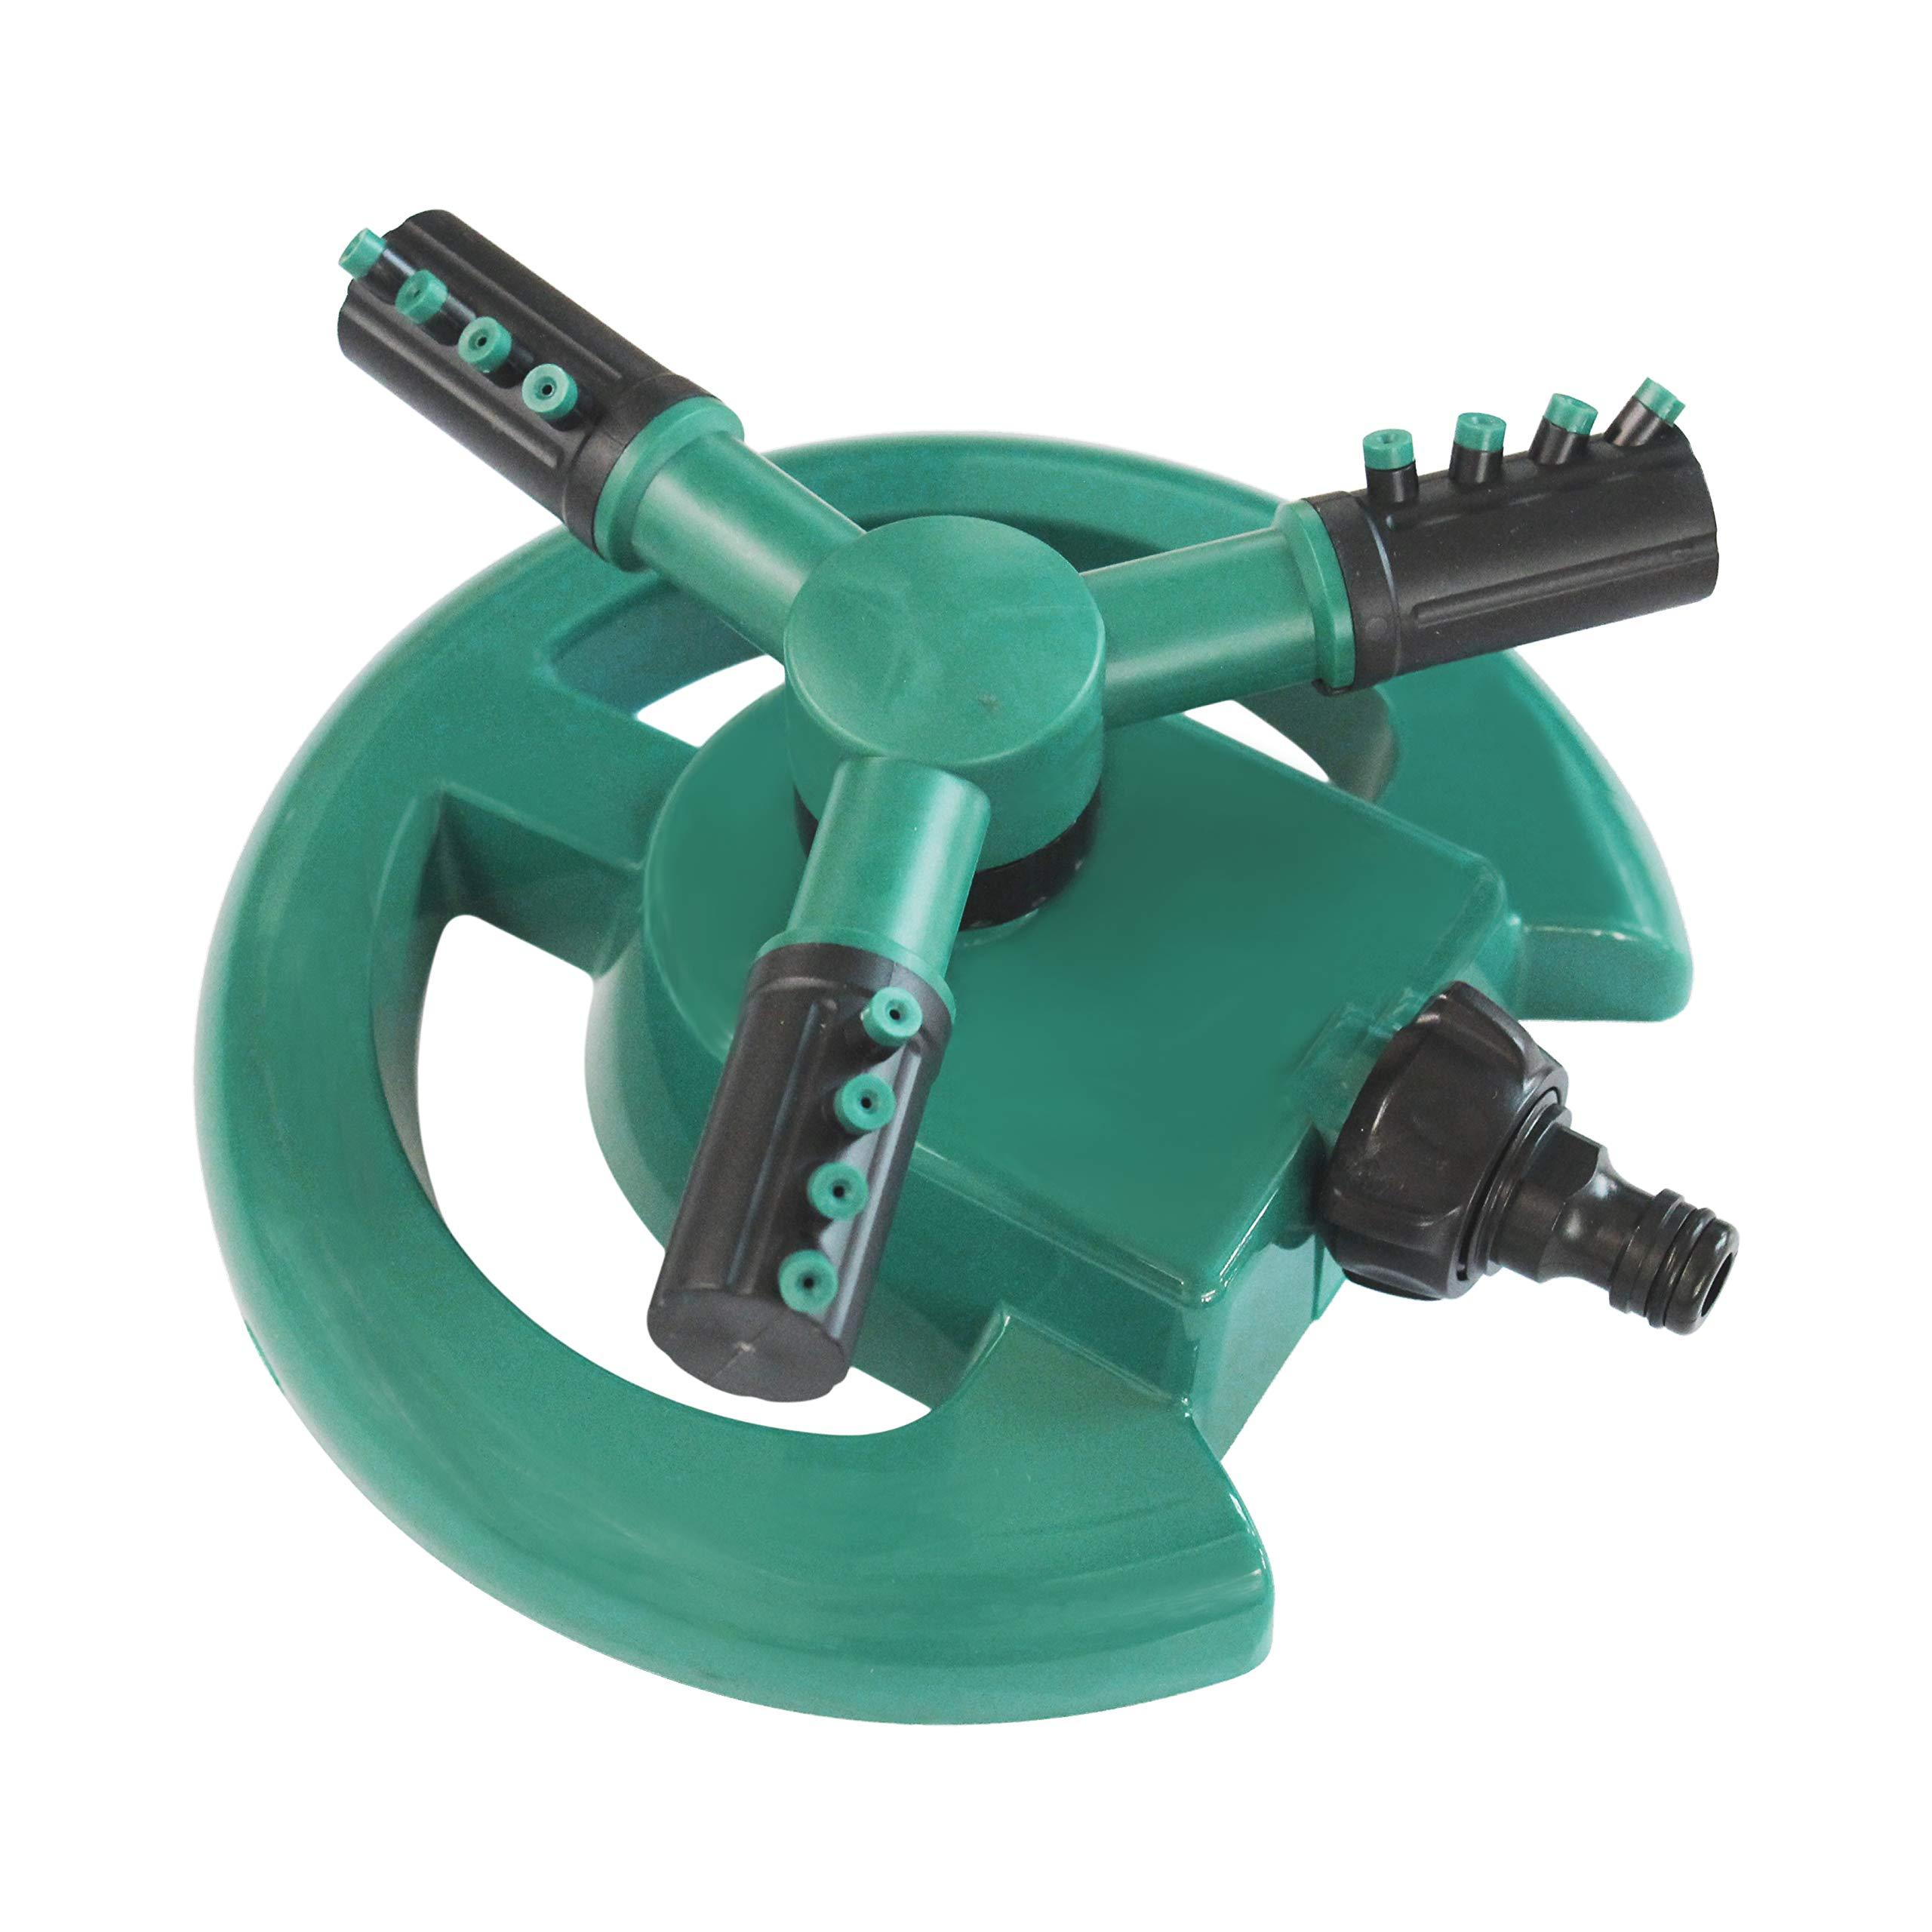 Arroseur pour pelouse avec système d'arrosoir rotatif 360° à 3 bras product image